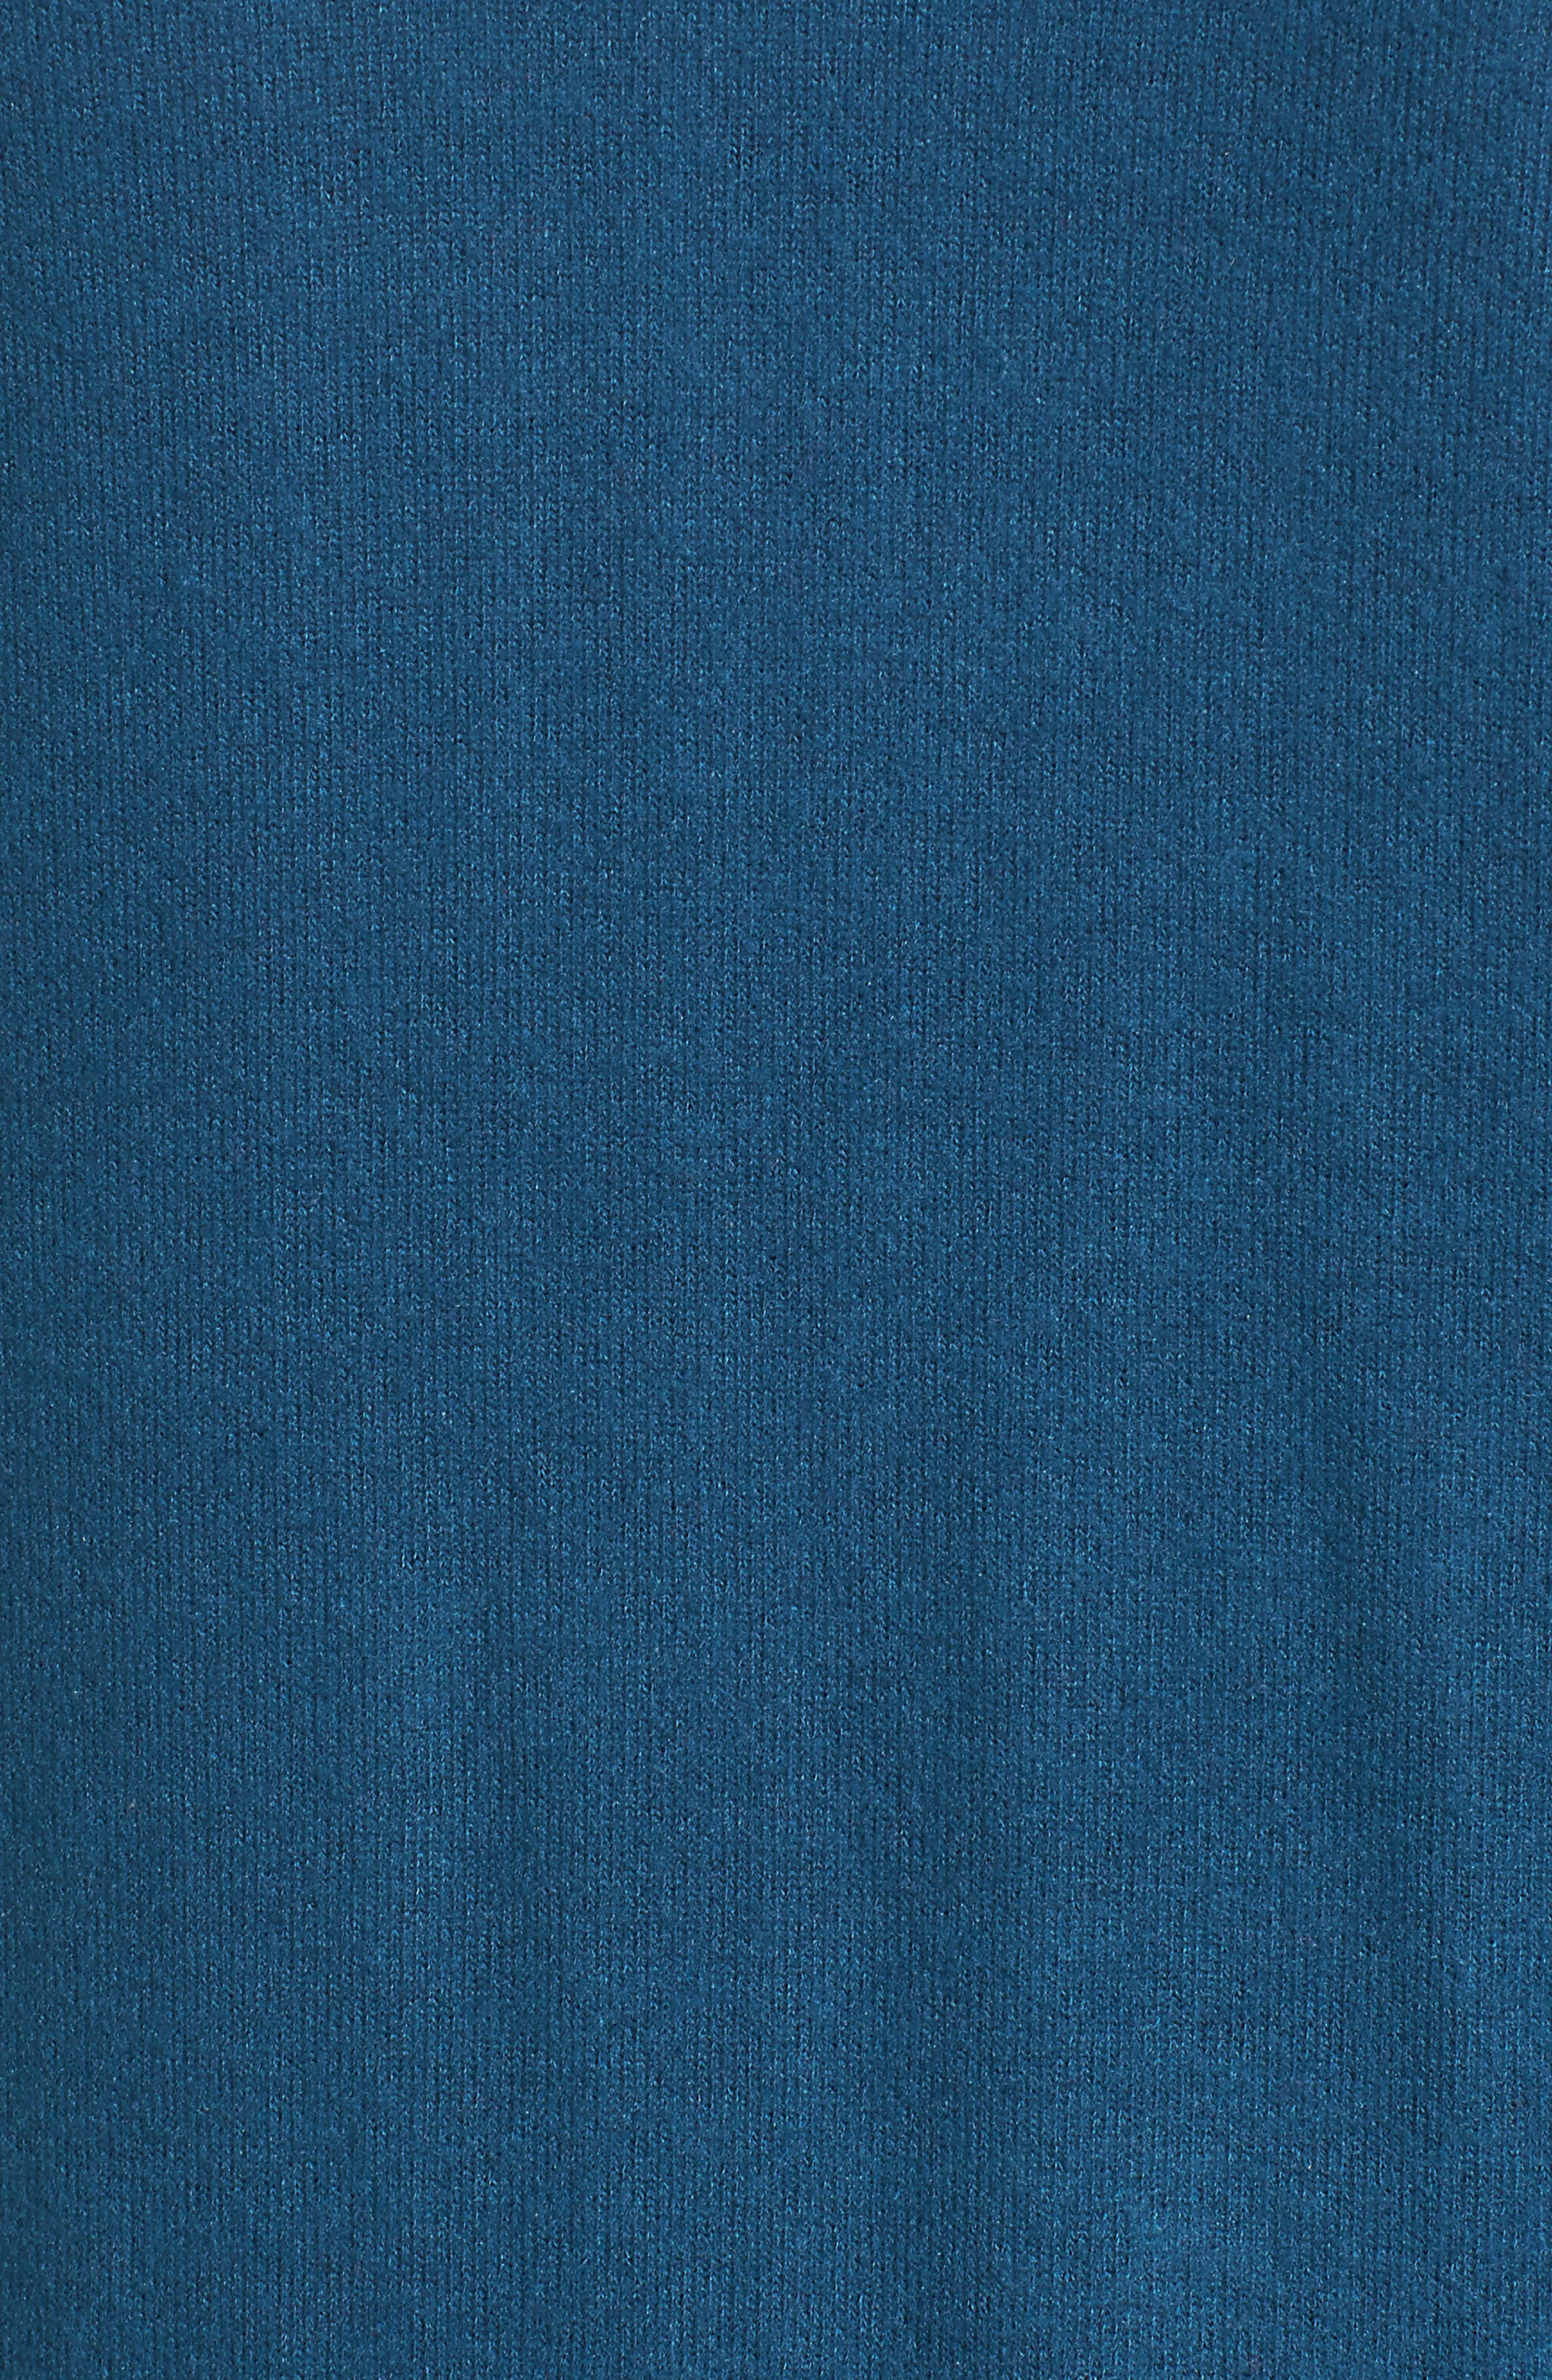 Rib Knit Cardigan,                             Alternate thumbnail 5, color,                             BLUE CERAMIC